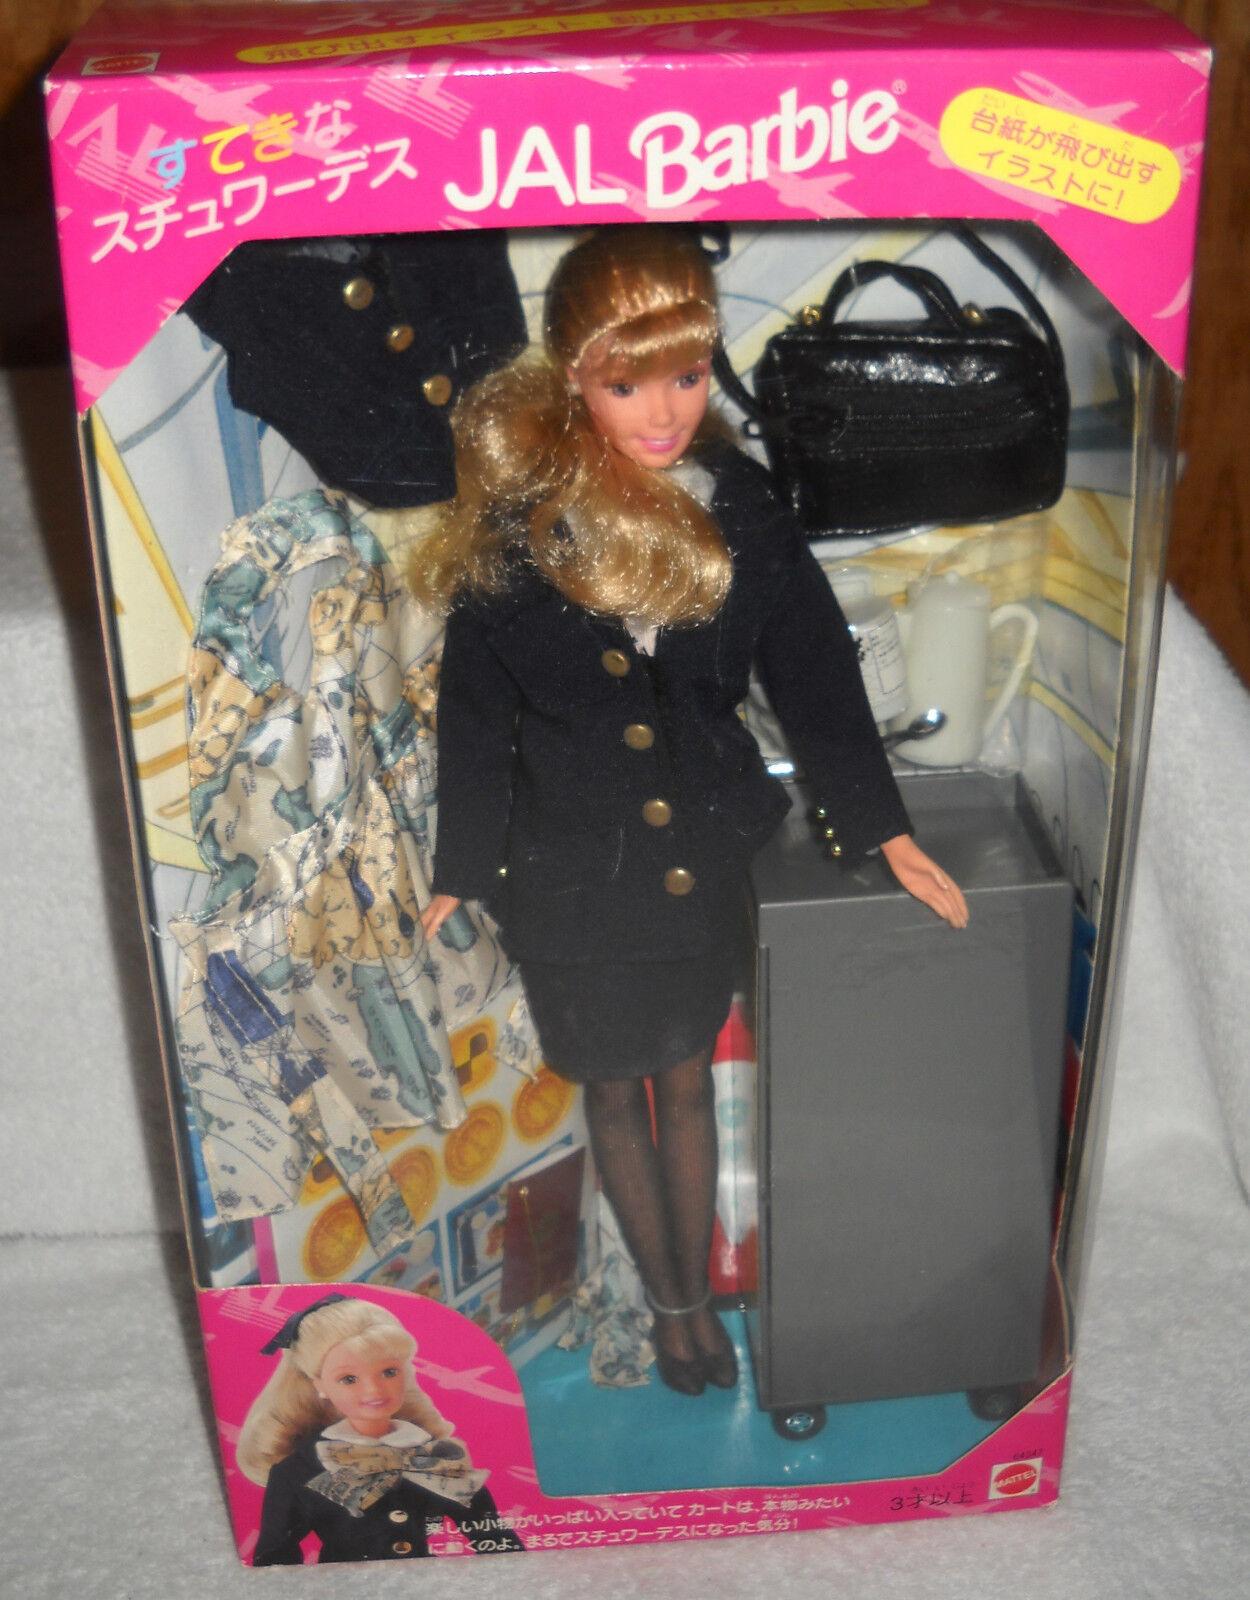 Nunca quitado de la Caja Mattel Japan Airlines (JAL) Flight Attendant Barbie